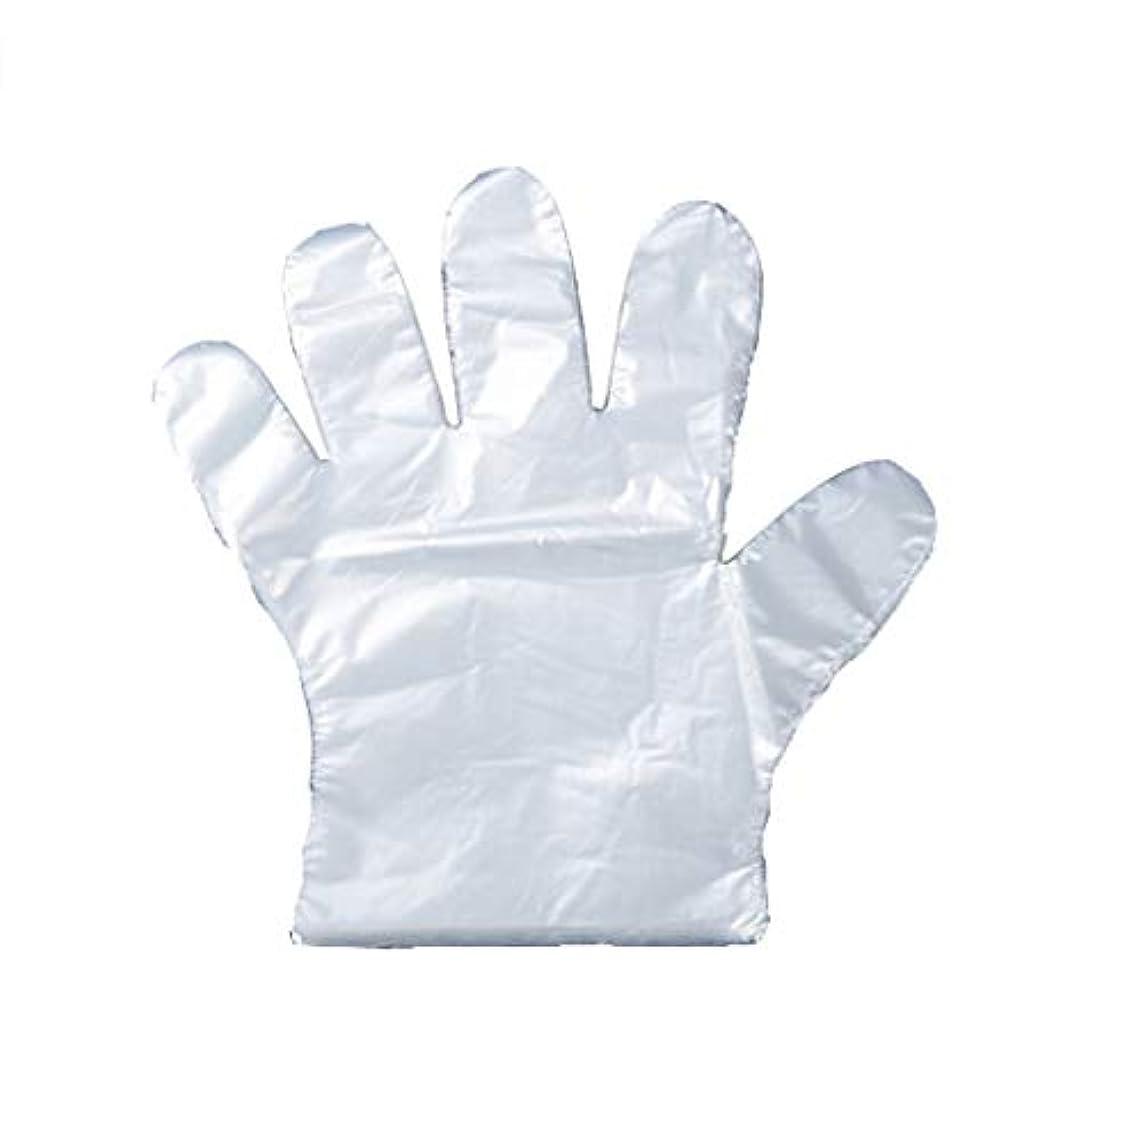 夕暮れボトルせがむ手袋の使い捨て手袋のフィルム家庭用キッチンの食品は、透明PEプラスチック手袋100パッケージを厚くした (UnitCount : 200)